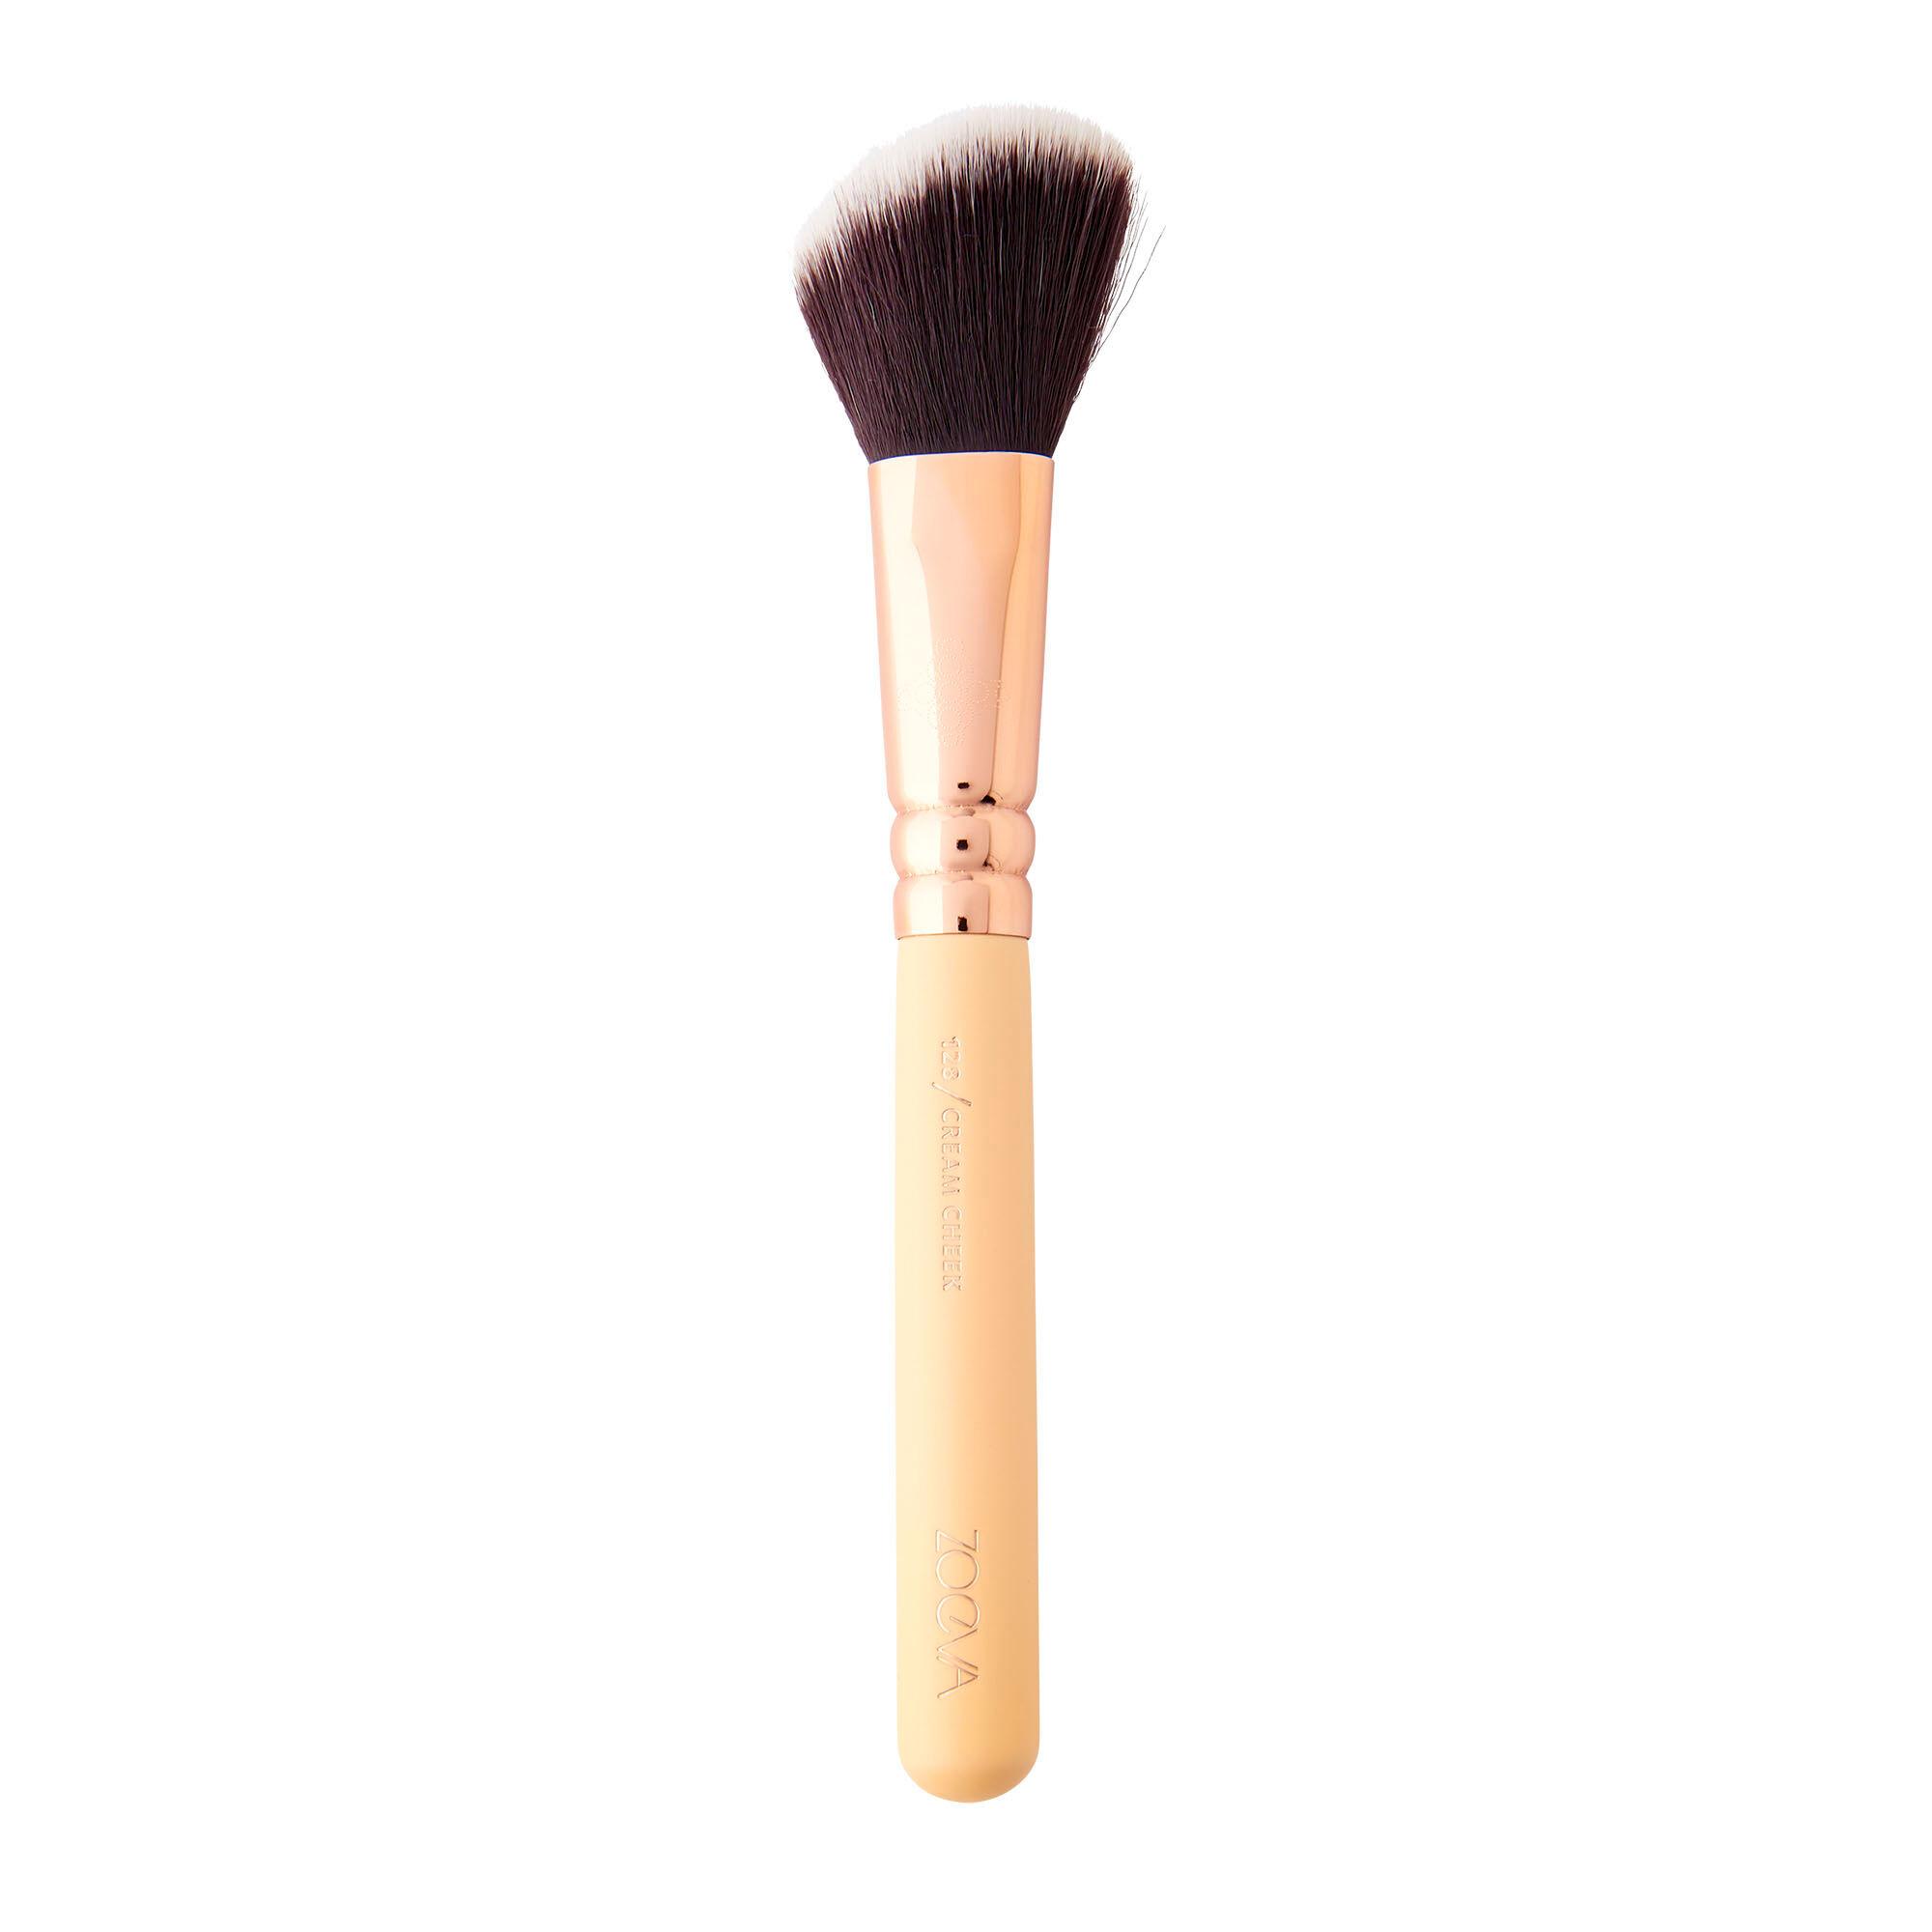 ZOEVA Rose Golden Vol.2 128 Cream Cheek Brush